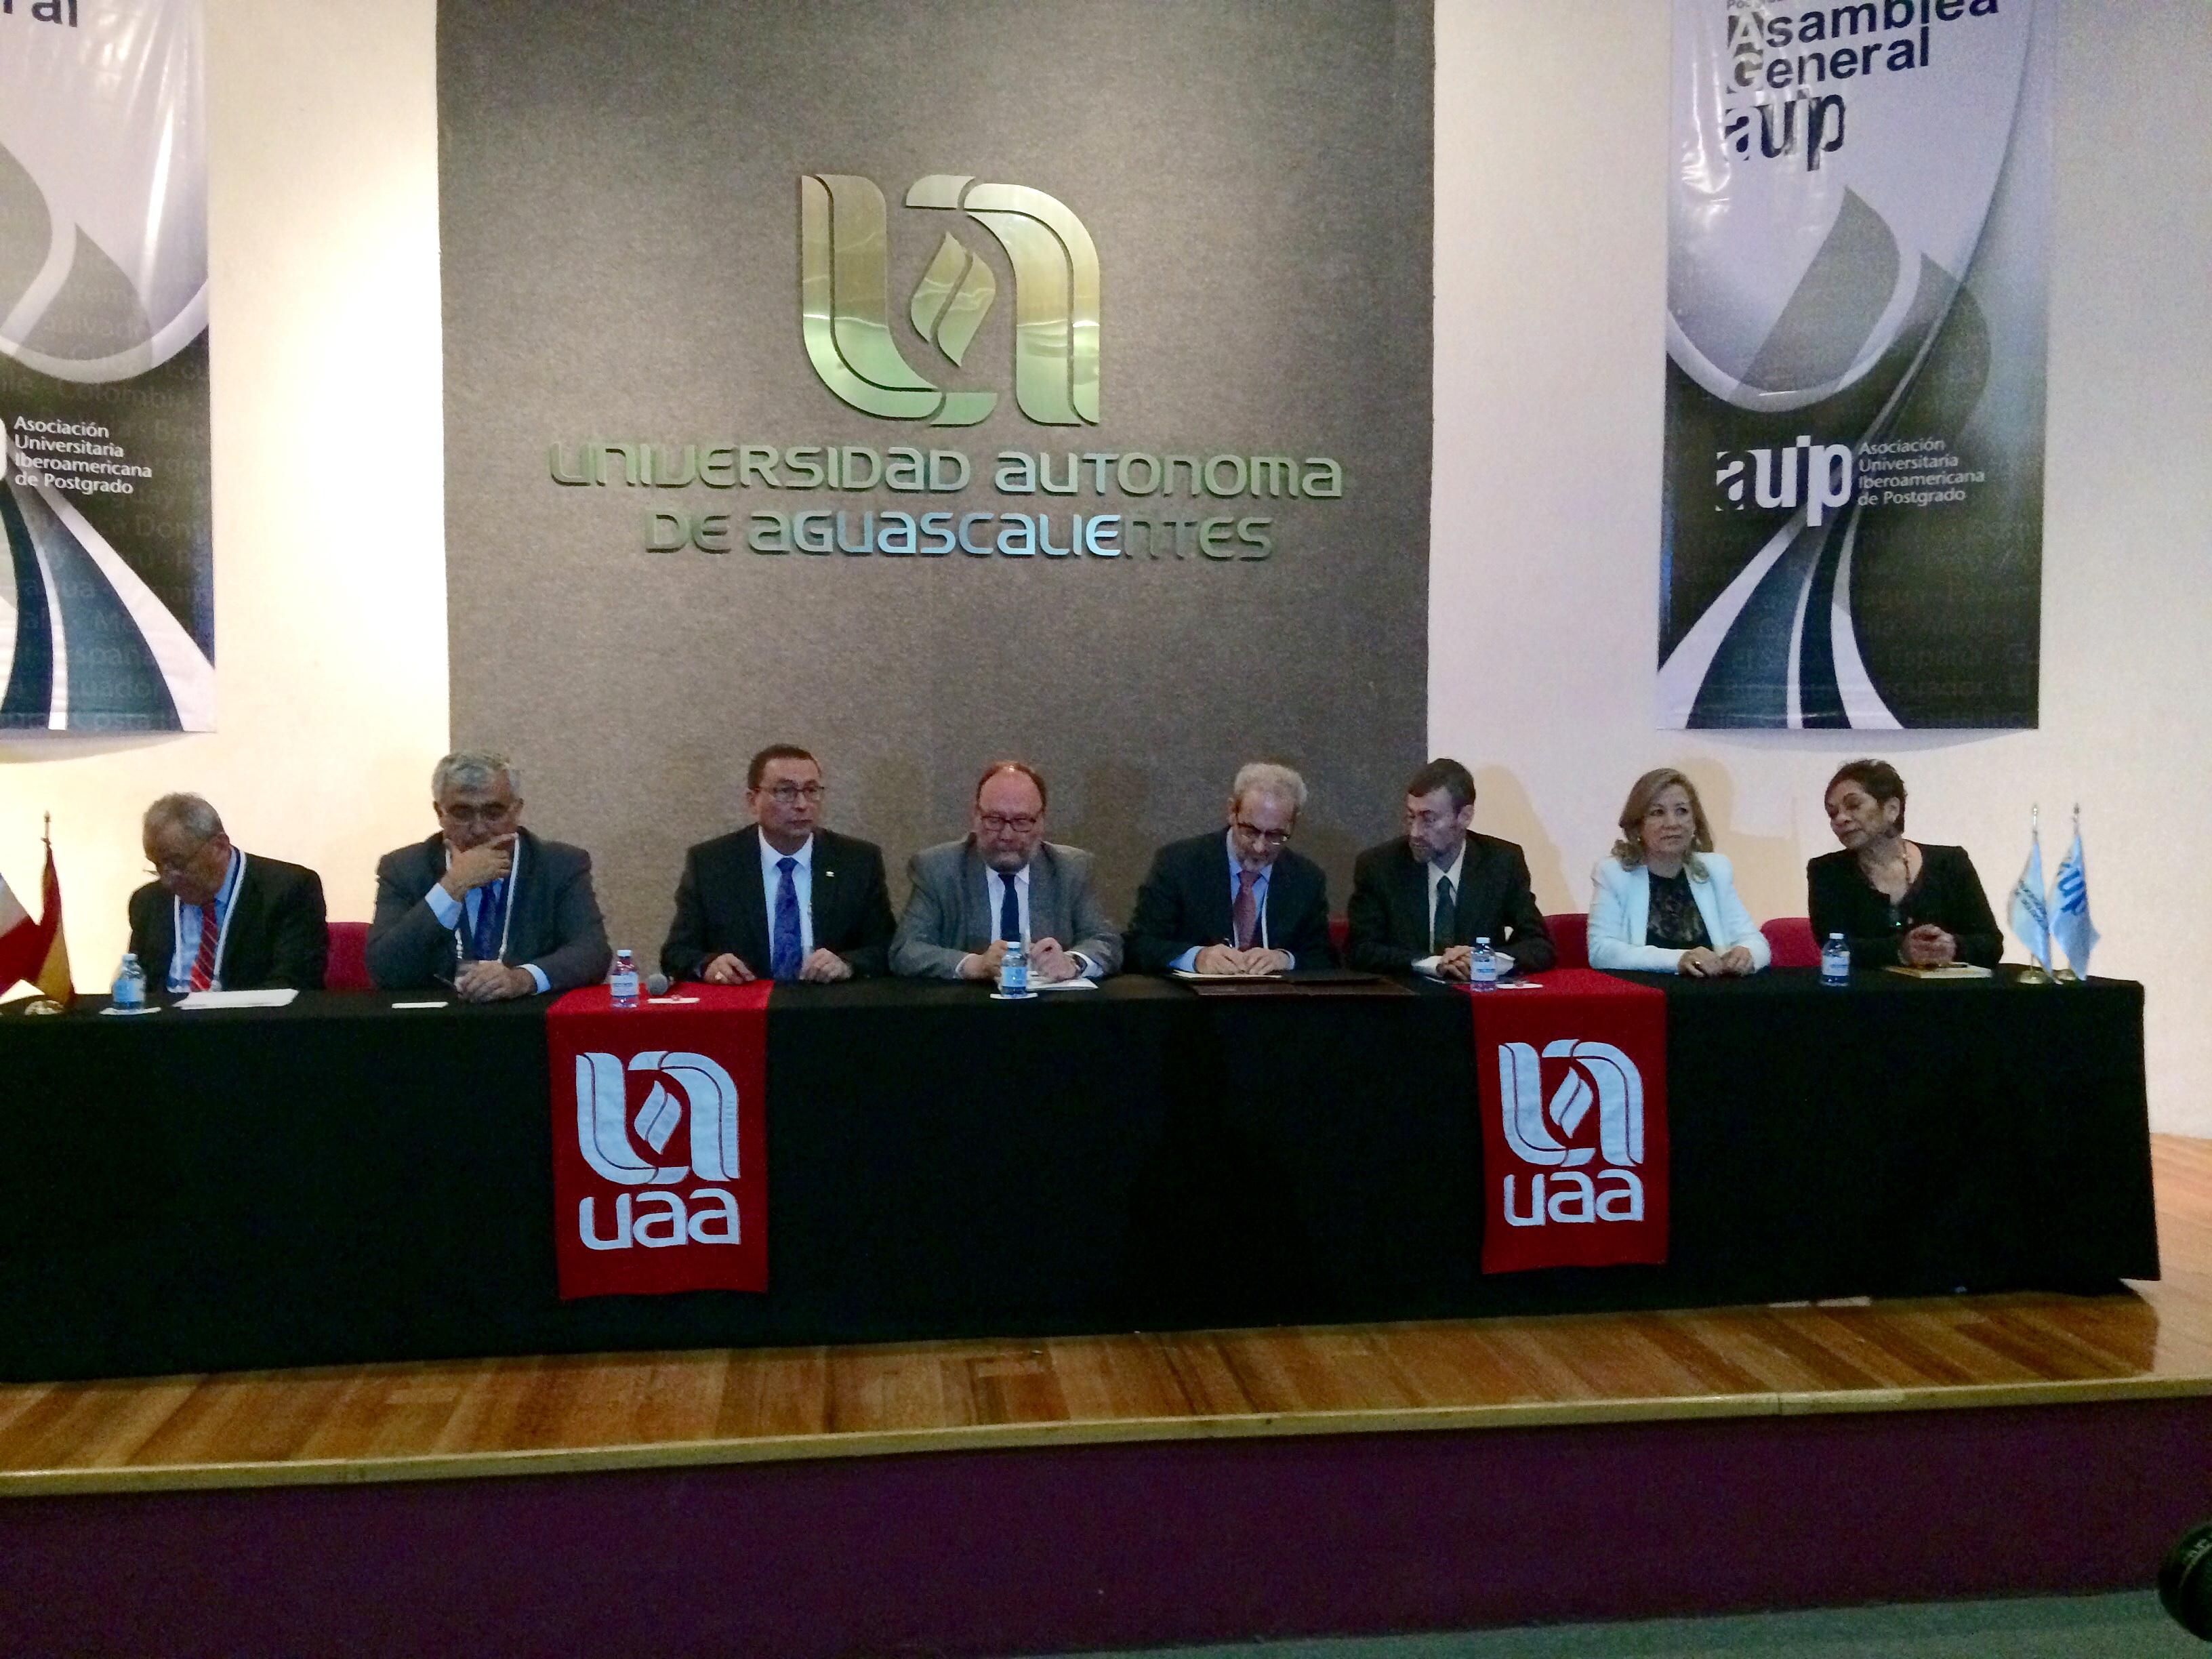 El rector de la Universidad de Salamanca participa en la Asamblea General de la Asociación Universitaria Iberoamericana de Postgrado